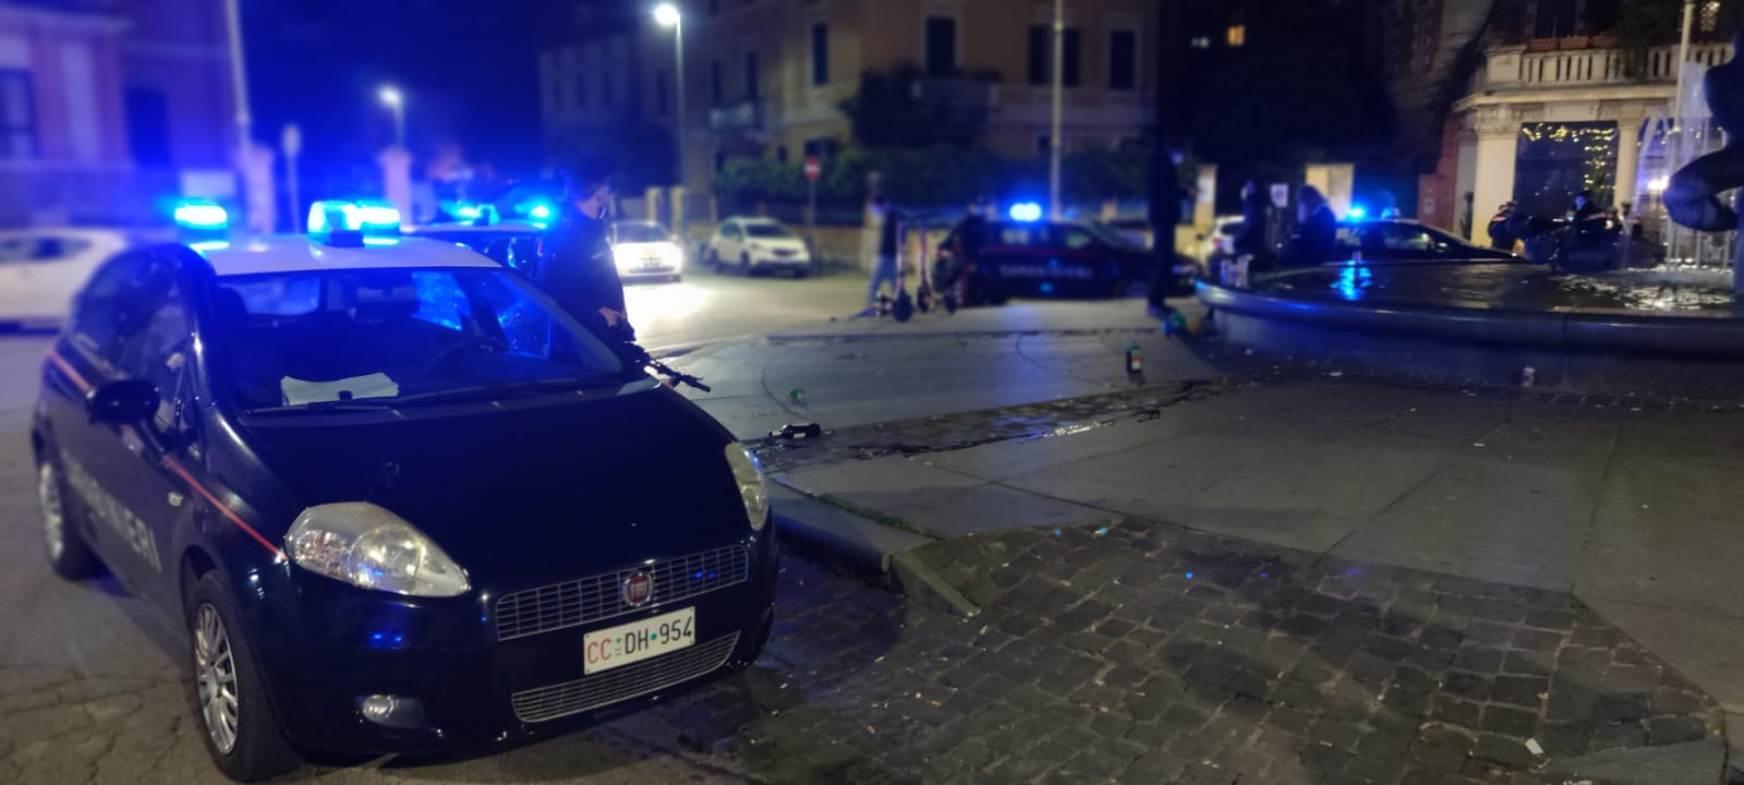 roma piazza bologna lite auto danneggiata carabinieri malamovida